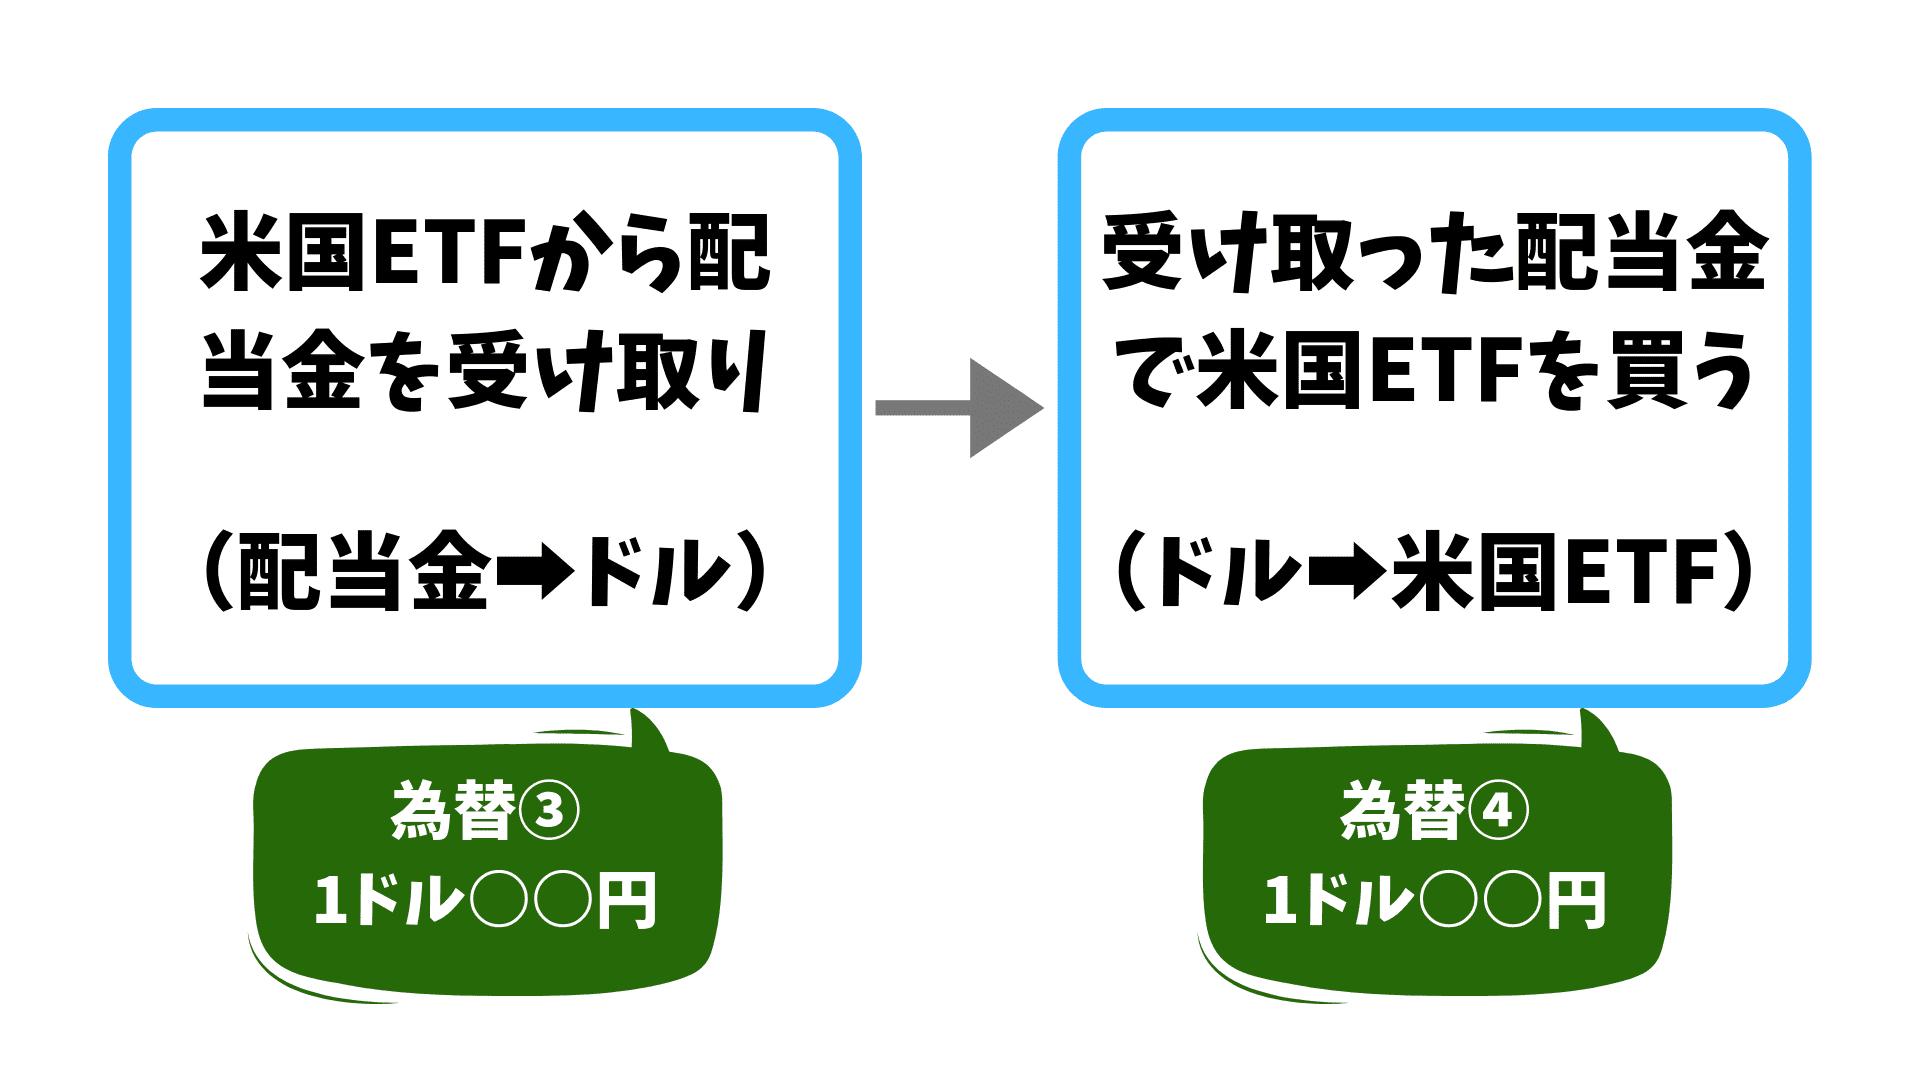 【海外ETFの為替差益】配当金で米国ETFを買う